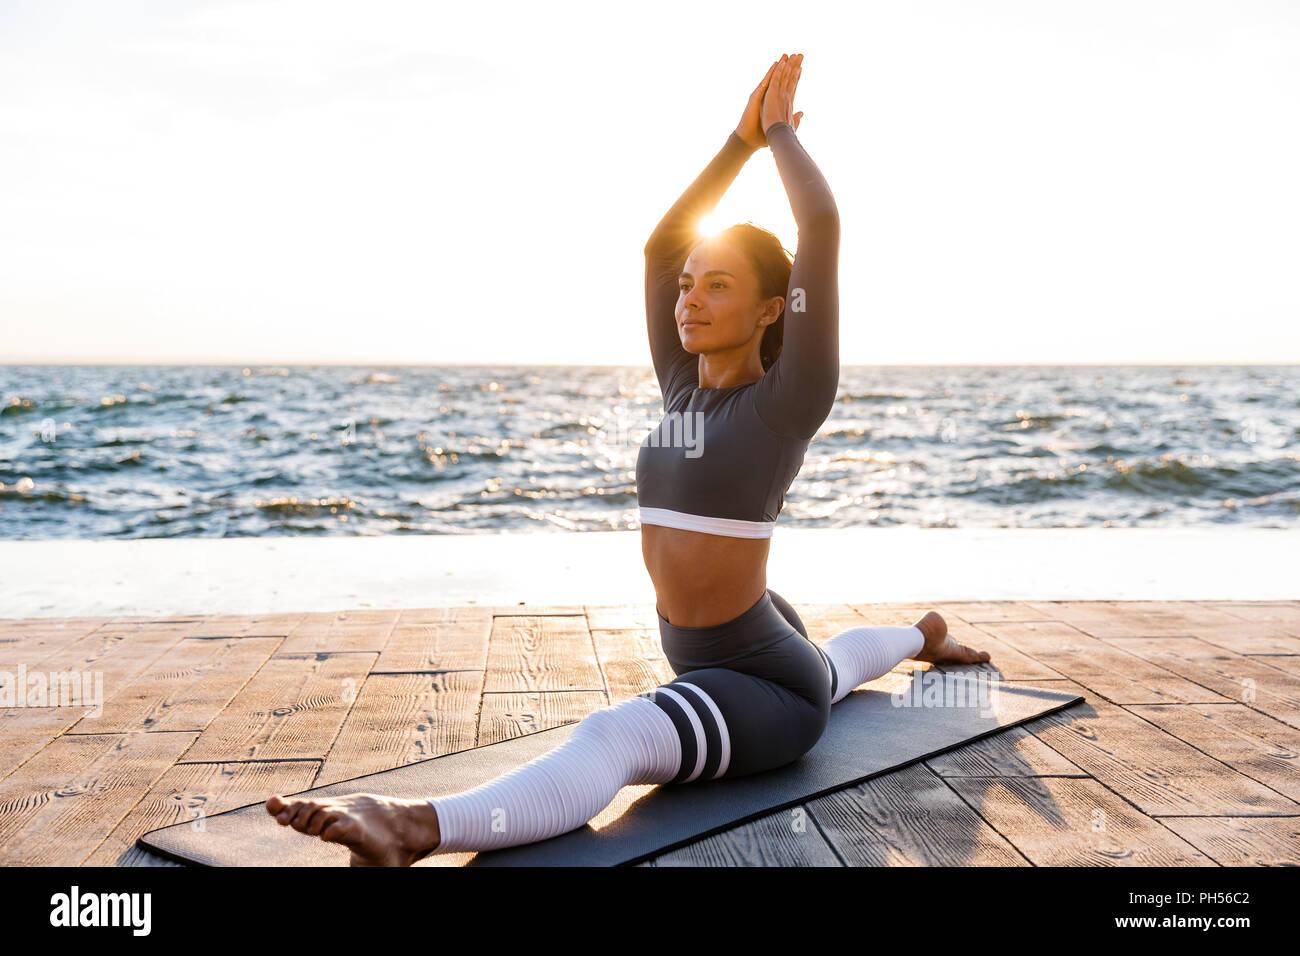 Image of young woman fitness en plein air dans la plage s'étirant les exercices de yoga. Photo Stock